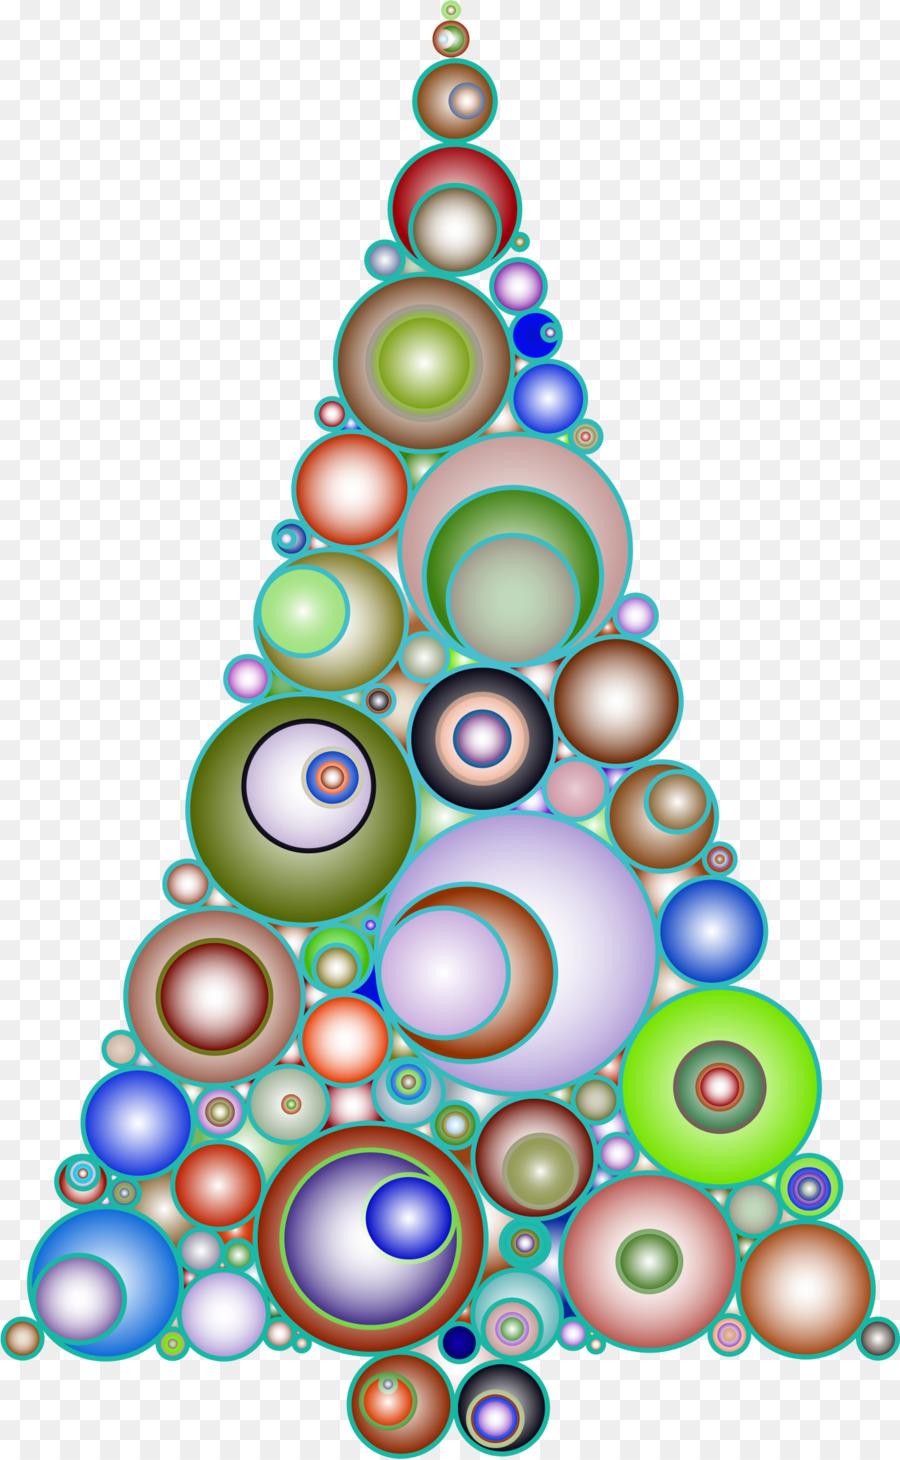 Descarga gratuita de árbol De Navidad, árbol, La Navidad Imágen de Png